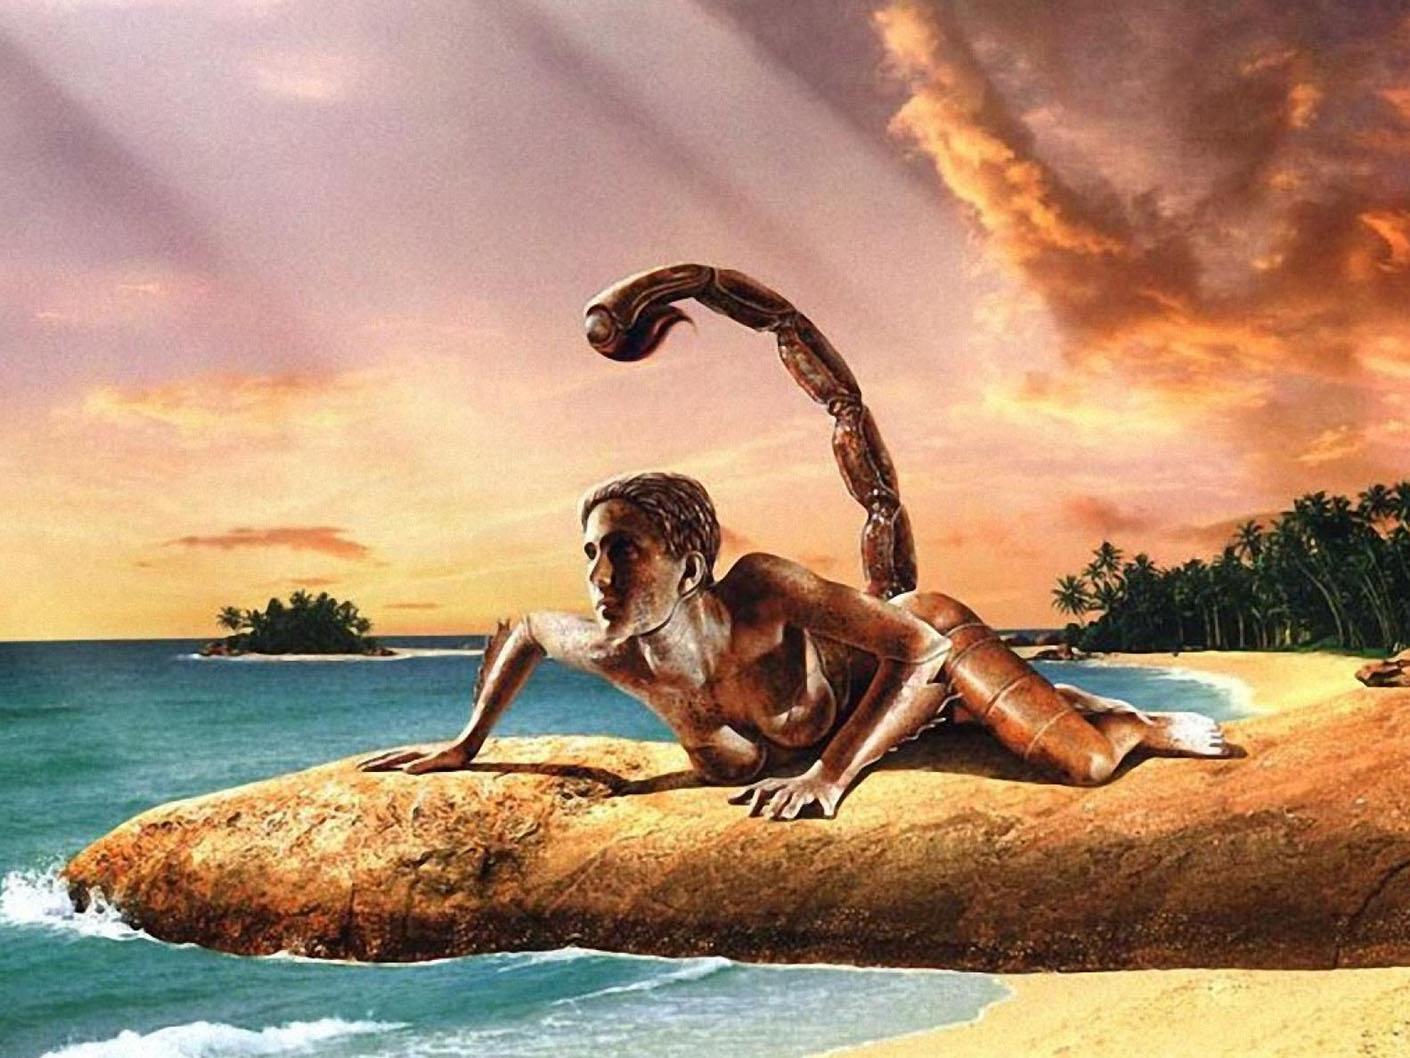 Поздравление с днём рождения для скорпиона на